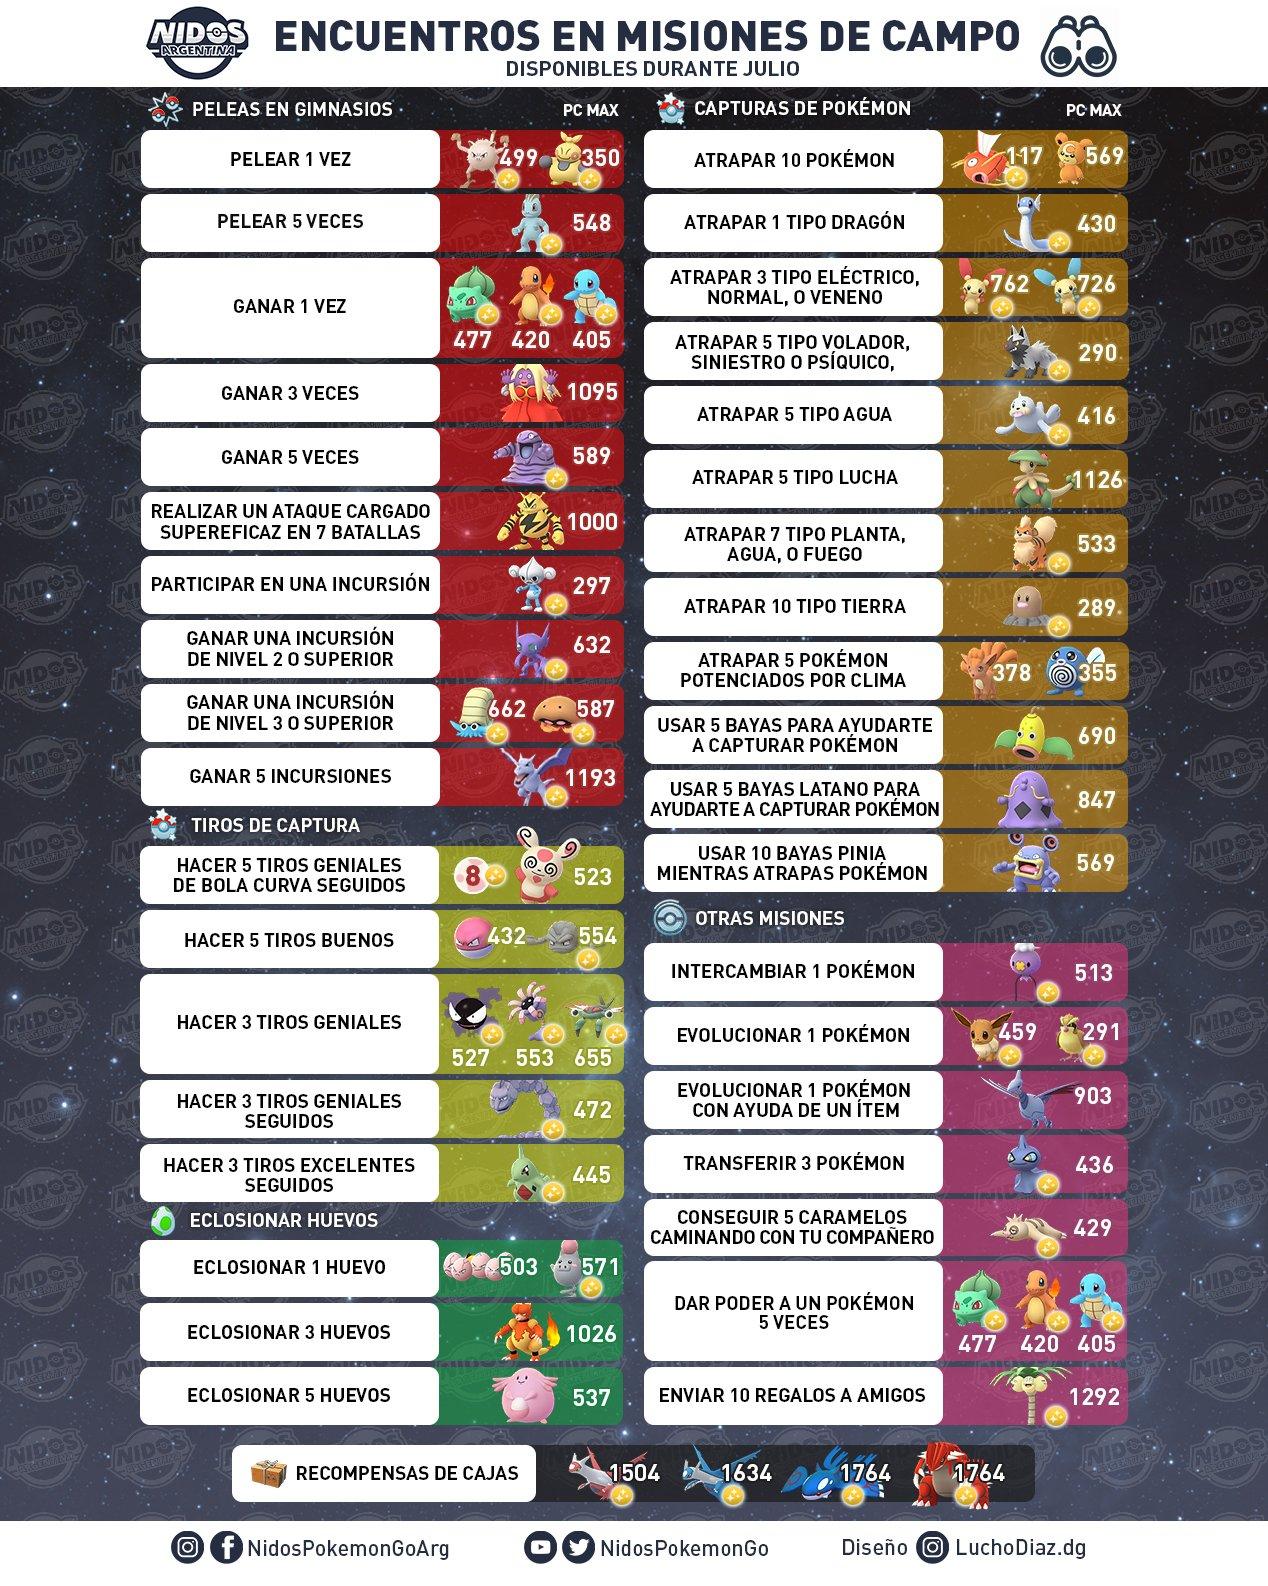 """Imagen con las nuevas tareas en la investigación de campo durante el mes de Julio 2019 por <a href=""""https://twitter.com/nidospokemongo"""">Nidos Pokémon GO Argentina.</a>"""